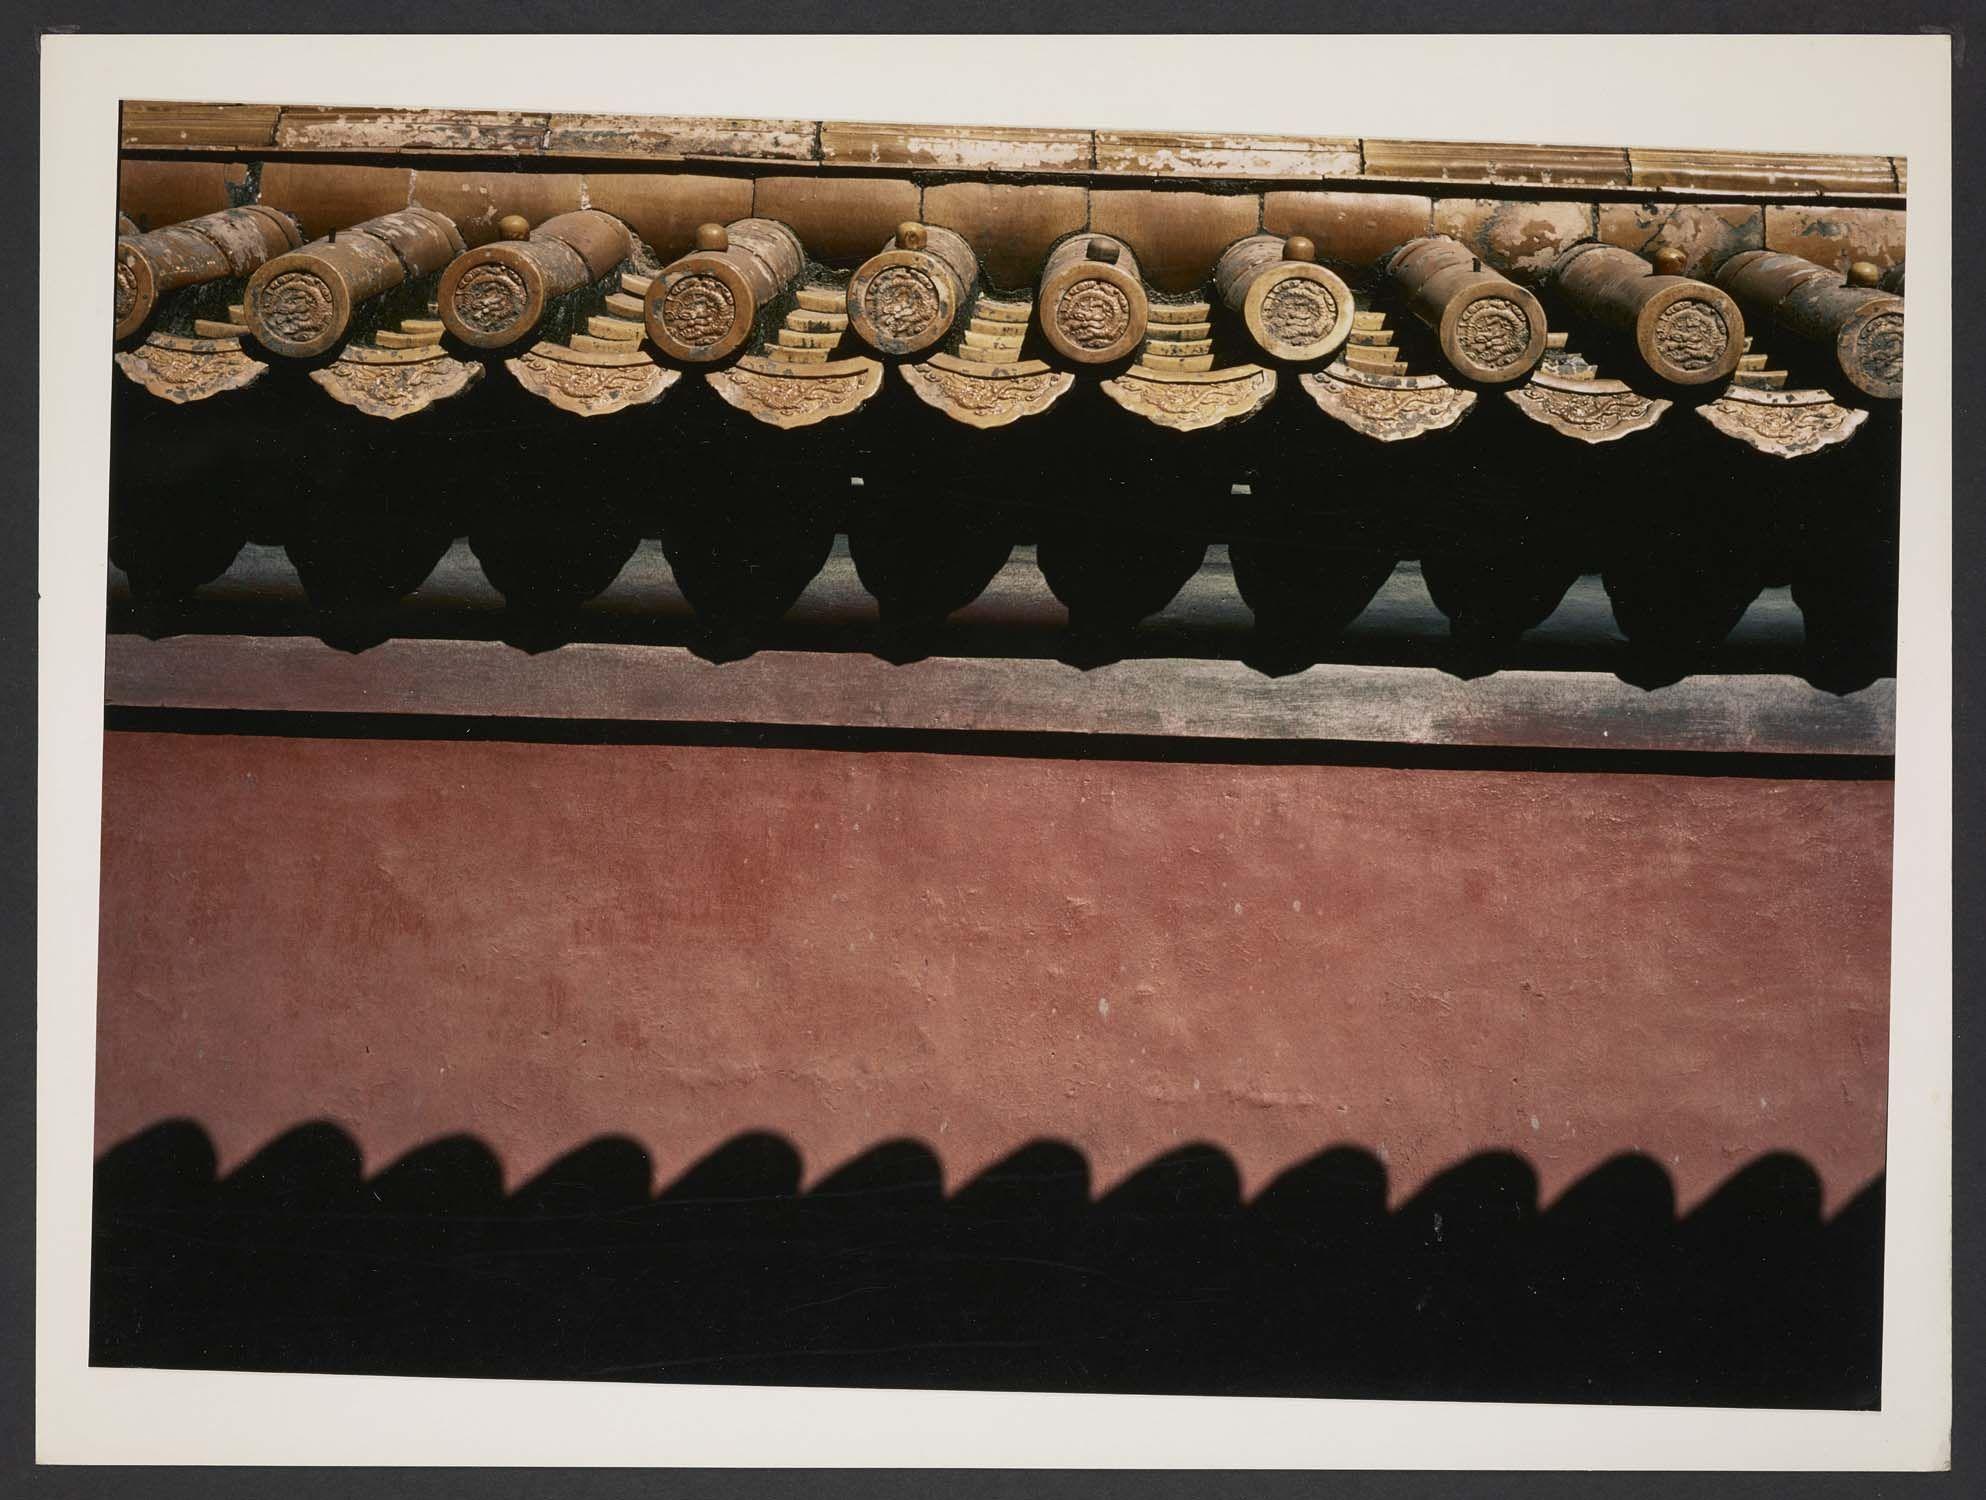 Michel Delaborde, Chine, (toit et mur) 1981-1982. © Ministère de la culture (France), Médiathèque de l'architecture et du patrimoine, Diffusion RMN-GP